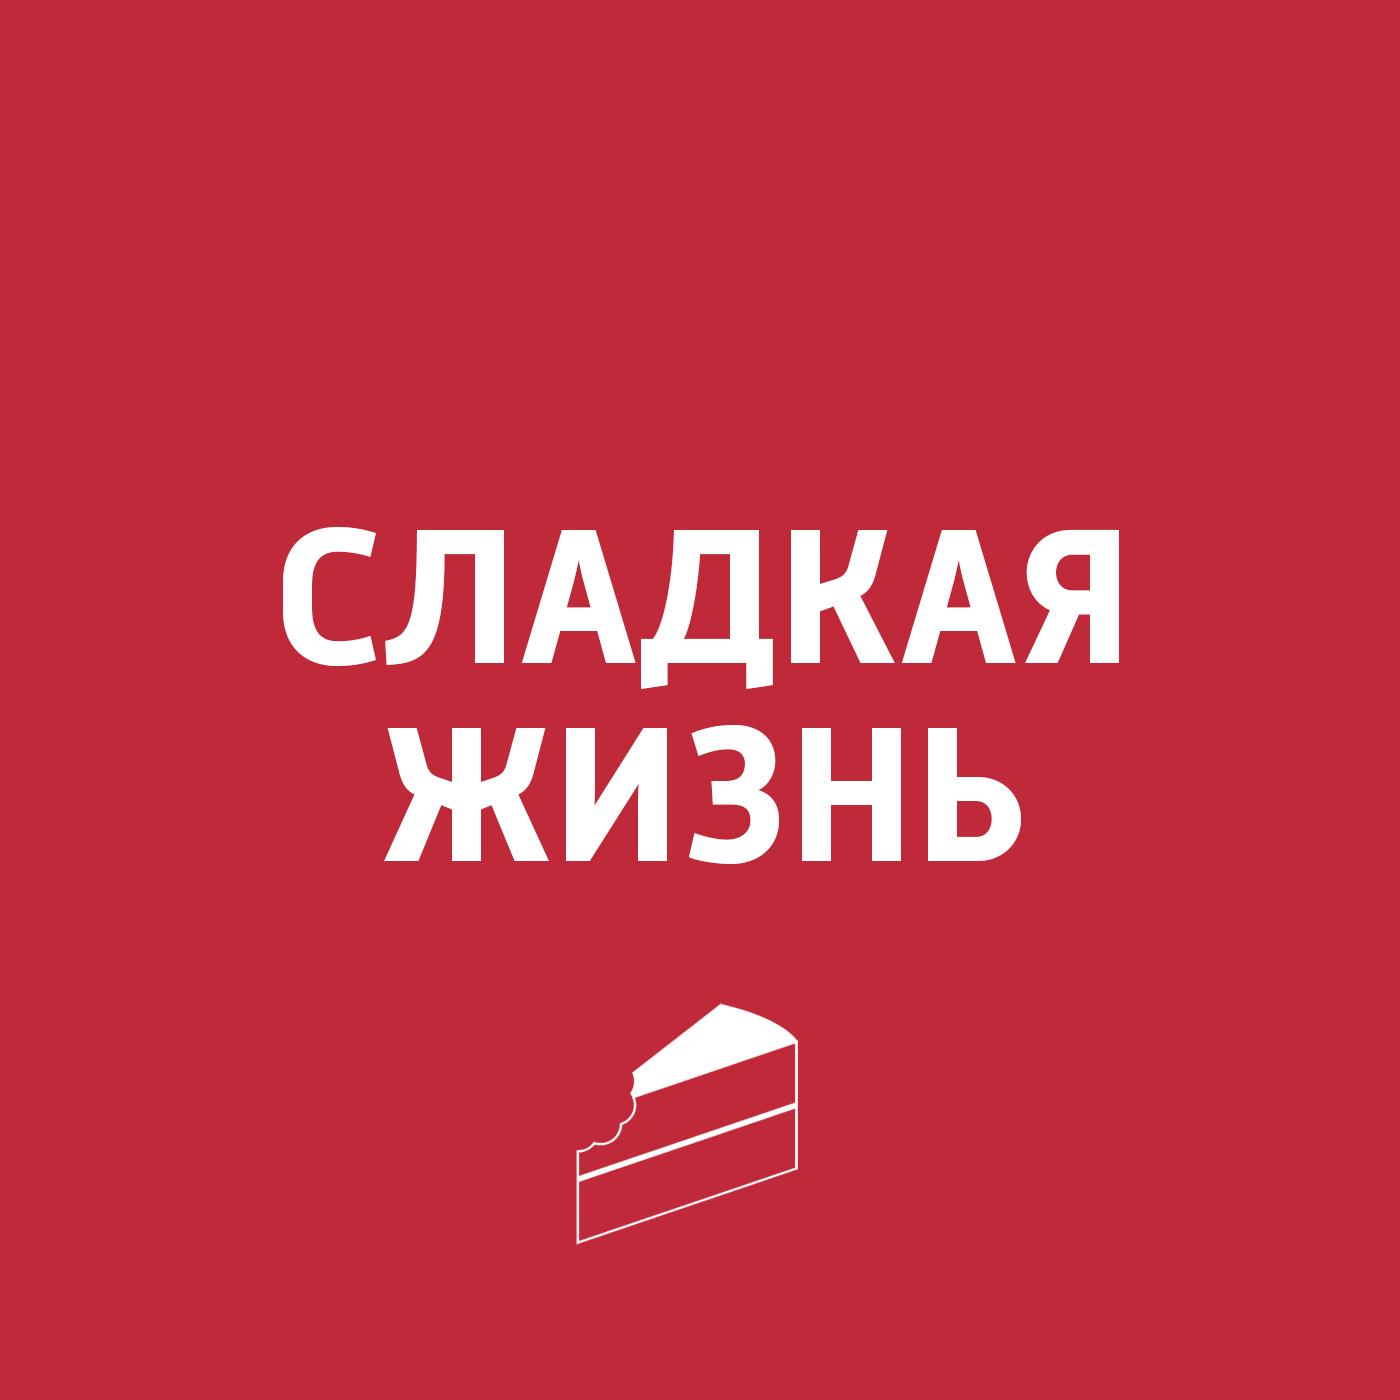 цены Картаев Павел Лимонад